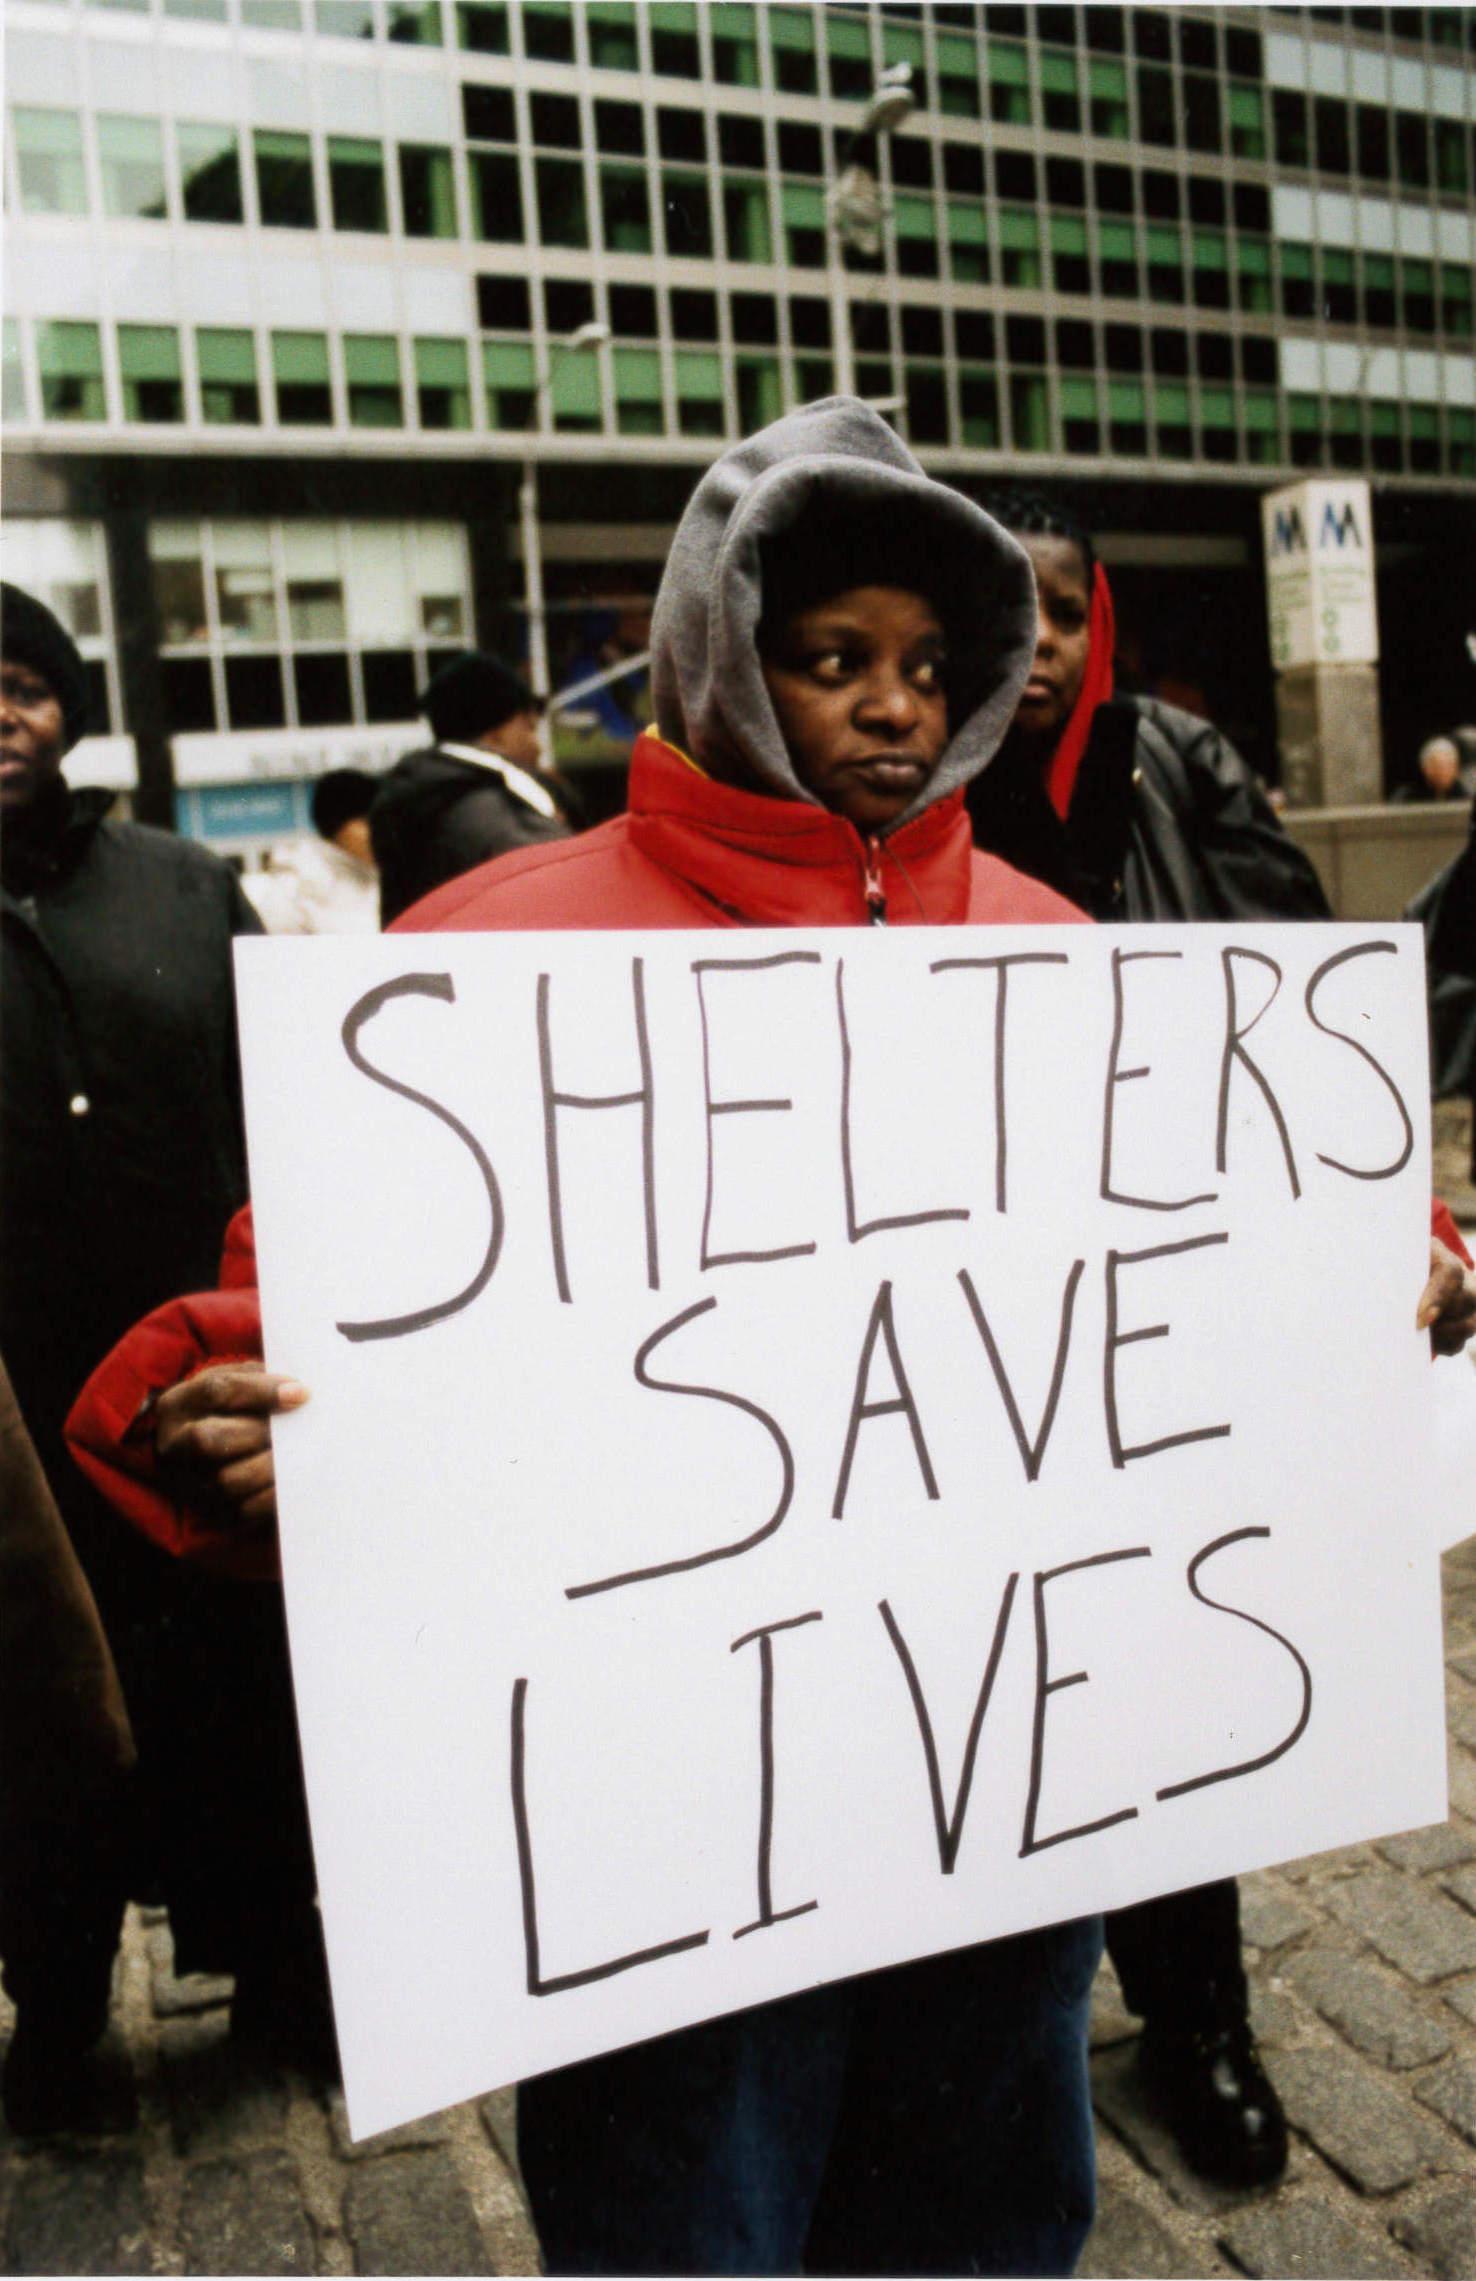 shelterssavelives